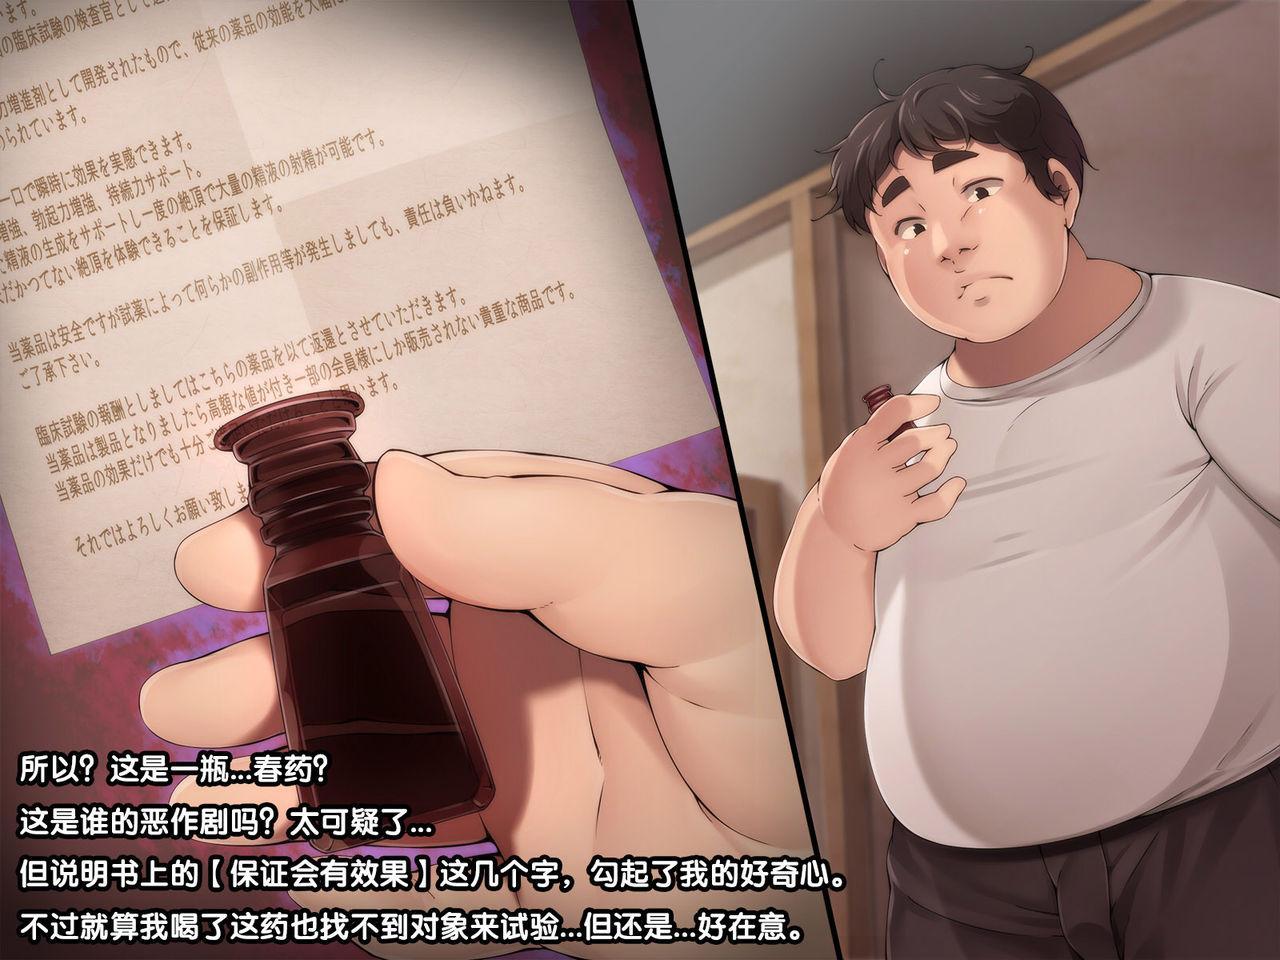 Seiryokuzai de Seiyoku Bouhatsu! Tairyou Tanetsuke de Shota Kyoudai Kyousei Harabote! 2